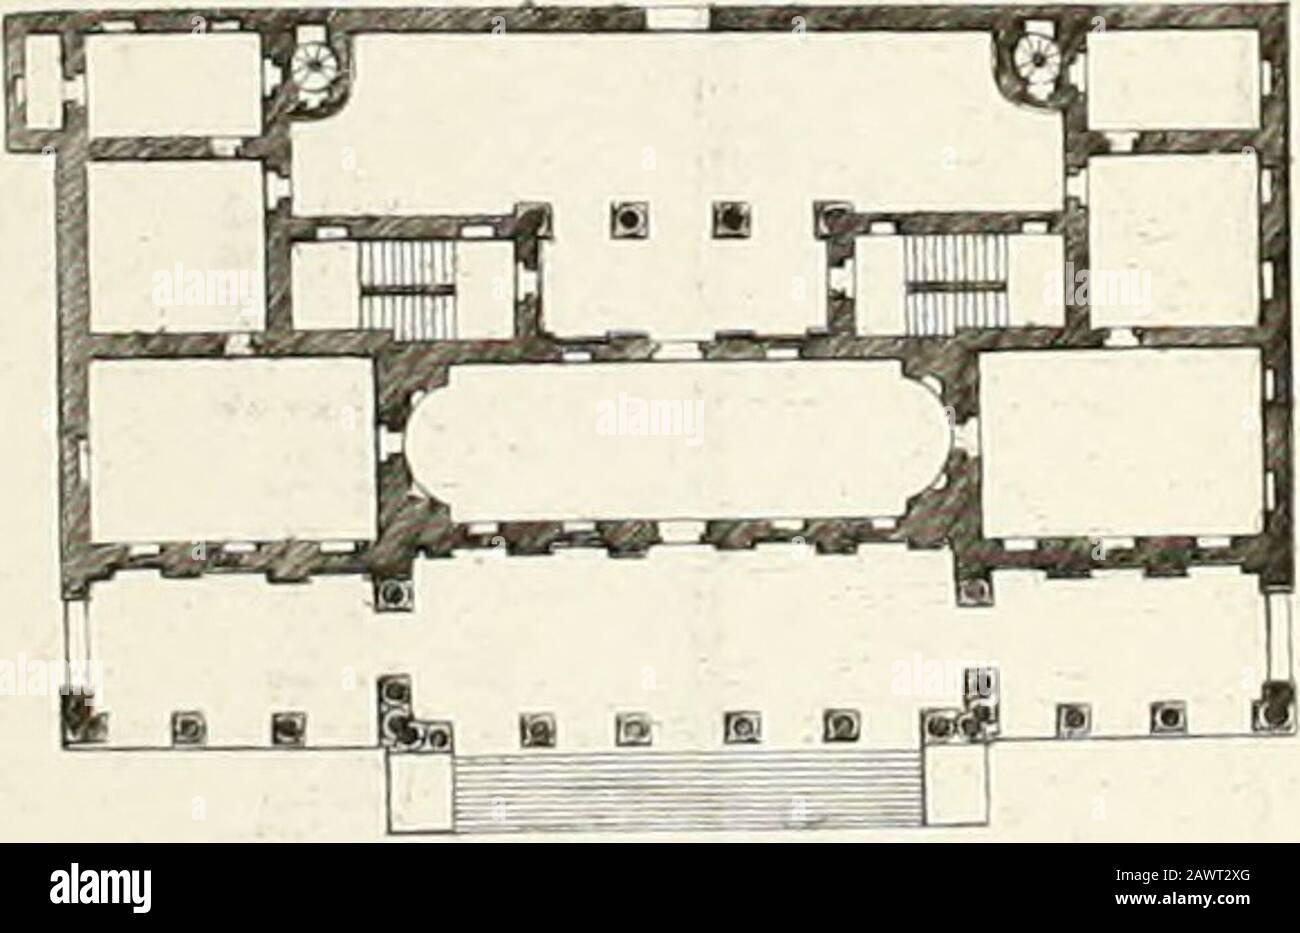 Descripción delle architetture, pitture e scolture di Vicenza, con alcune osservazioni . 1 ali liiqrc/pp CIL / no Har ì _JS i A J liifflIfTO Jc   J/--- C---- - #—T  HmmìMììII ( avalletii Foto de stock